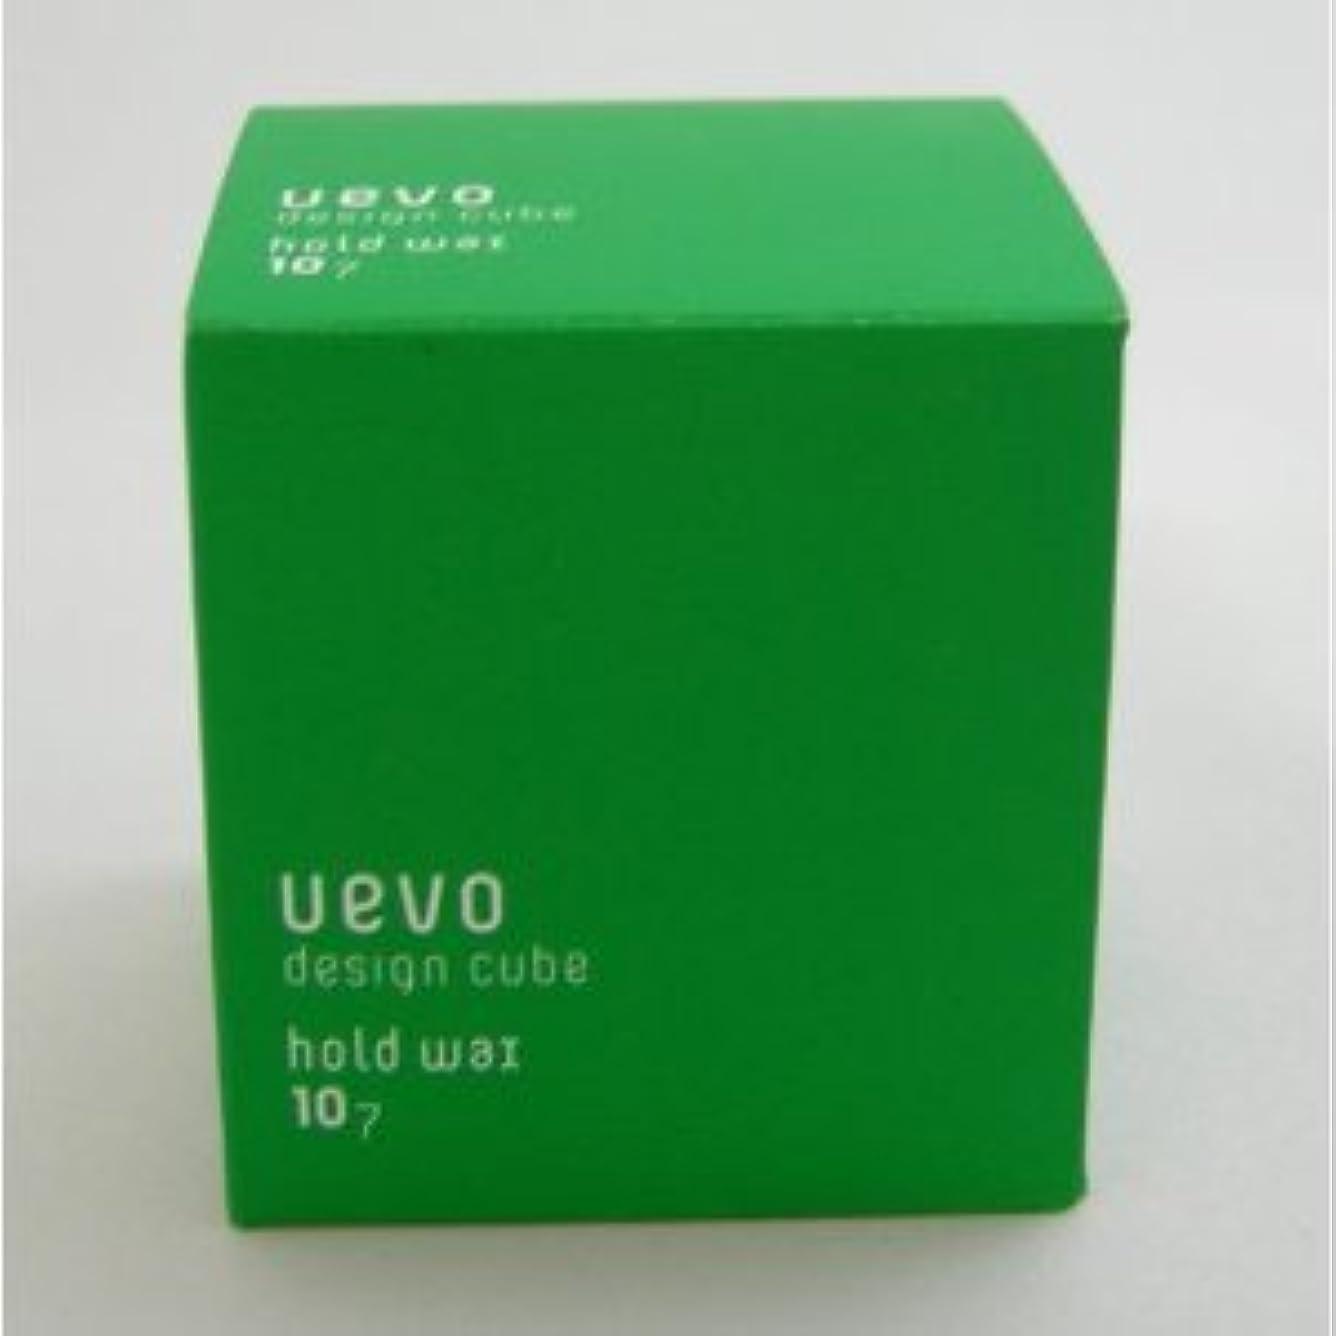 時刻表地獄屈辱する【X3個セット】 デミ ウェーボ デザインキューブ ホールドワックス 80g hold wax